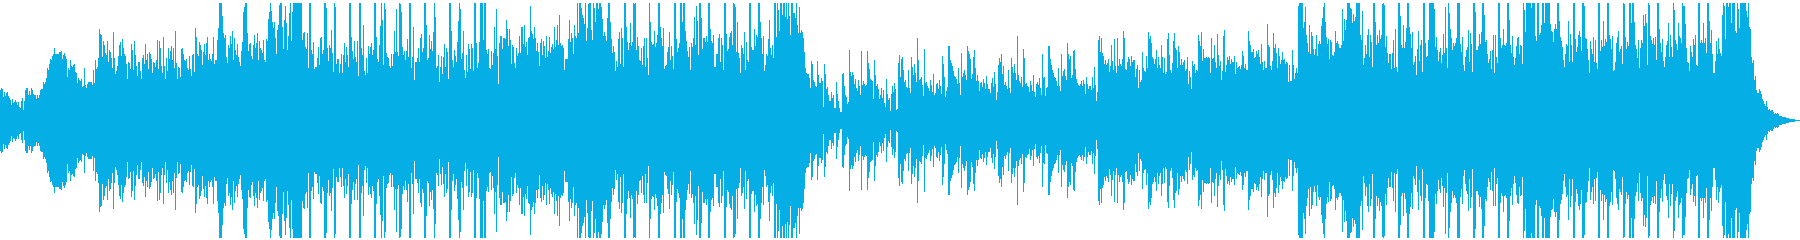 オーケストラとテクノ/インダストリ...の再生済みの波形